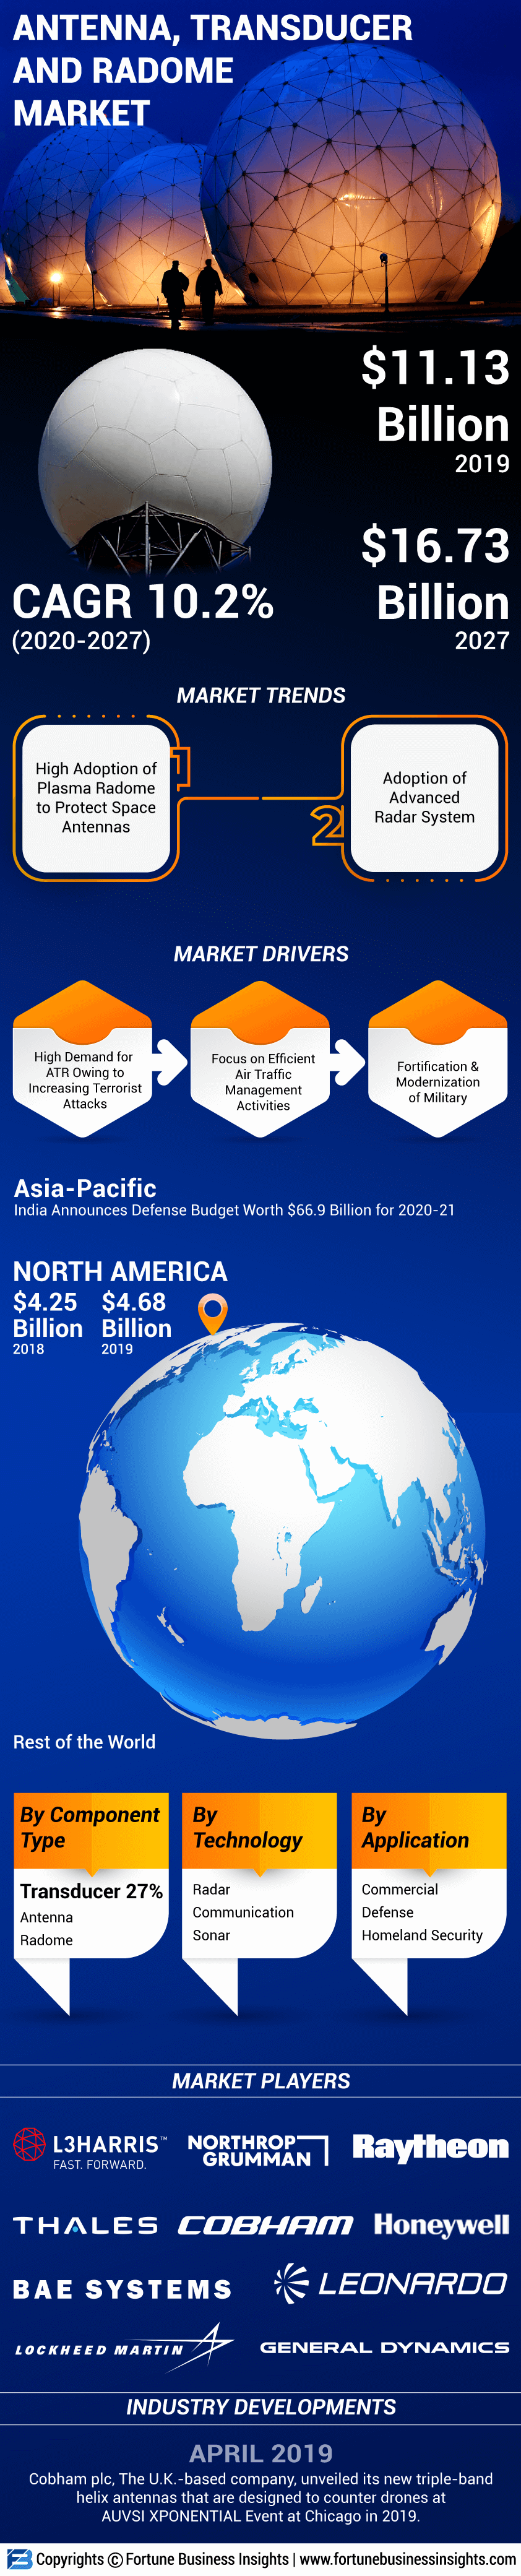 Antenna, Transducer and Radome (ATR) Market